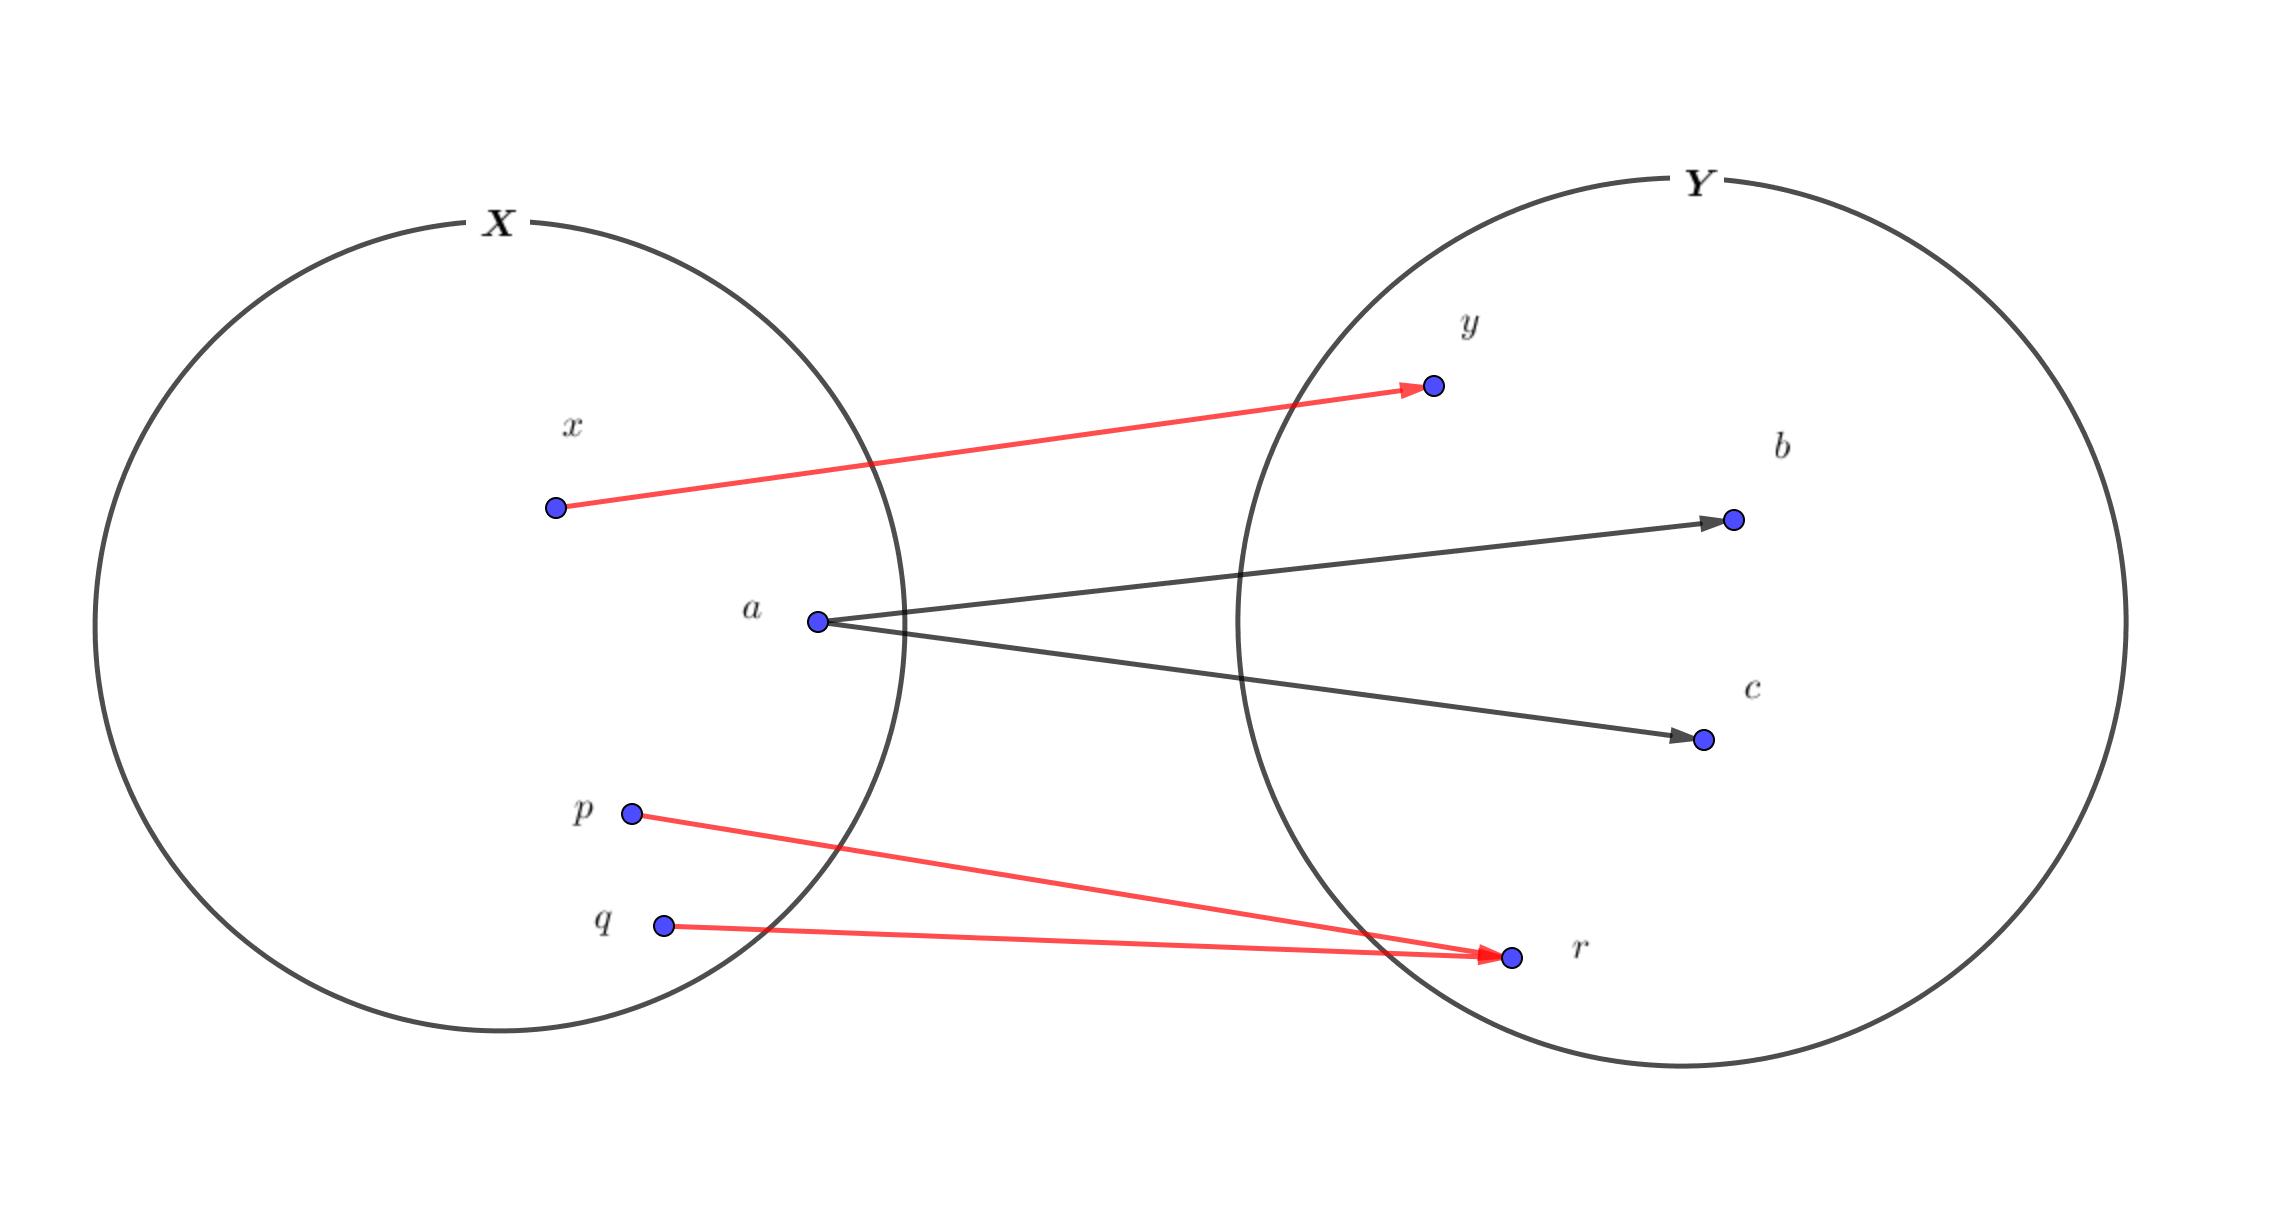 2つの集合の対応関係